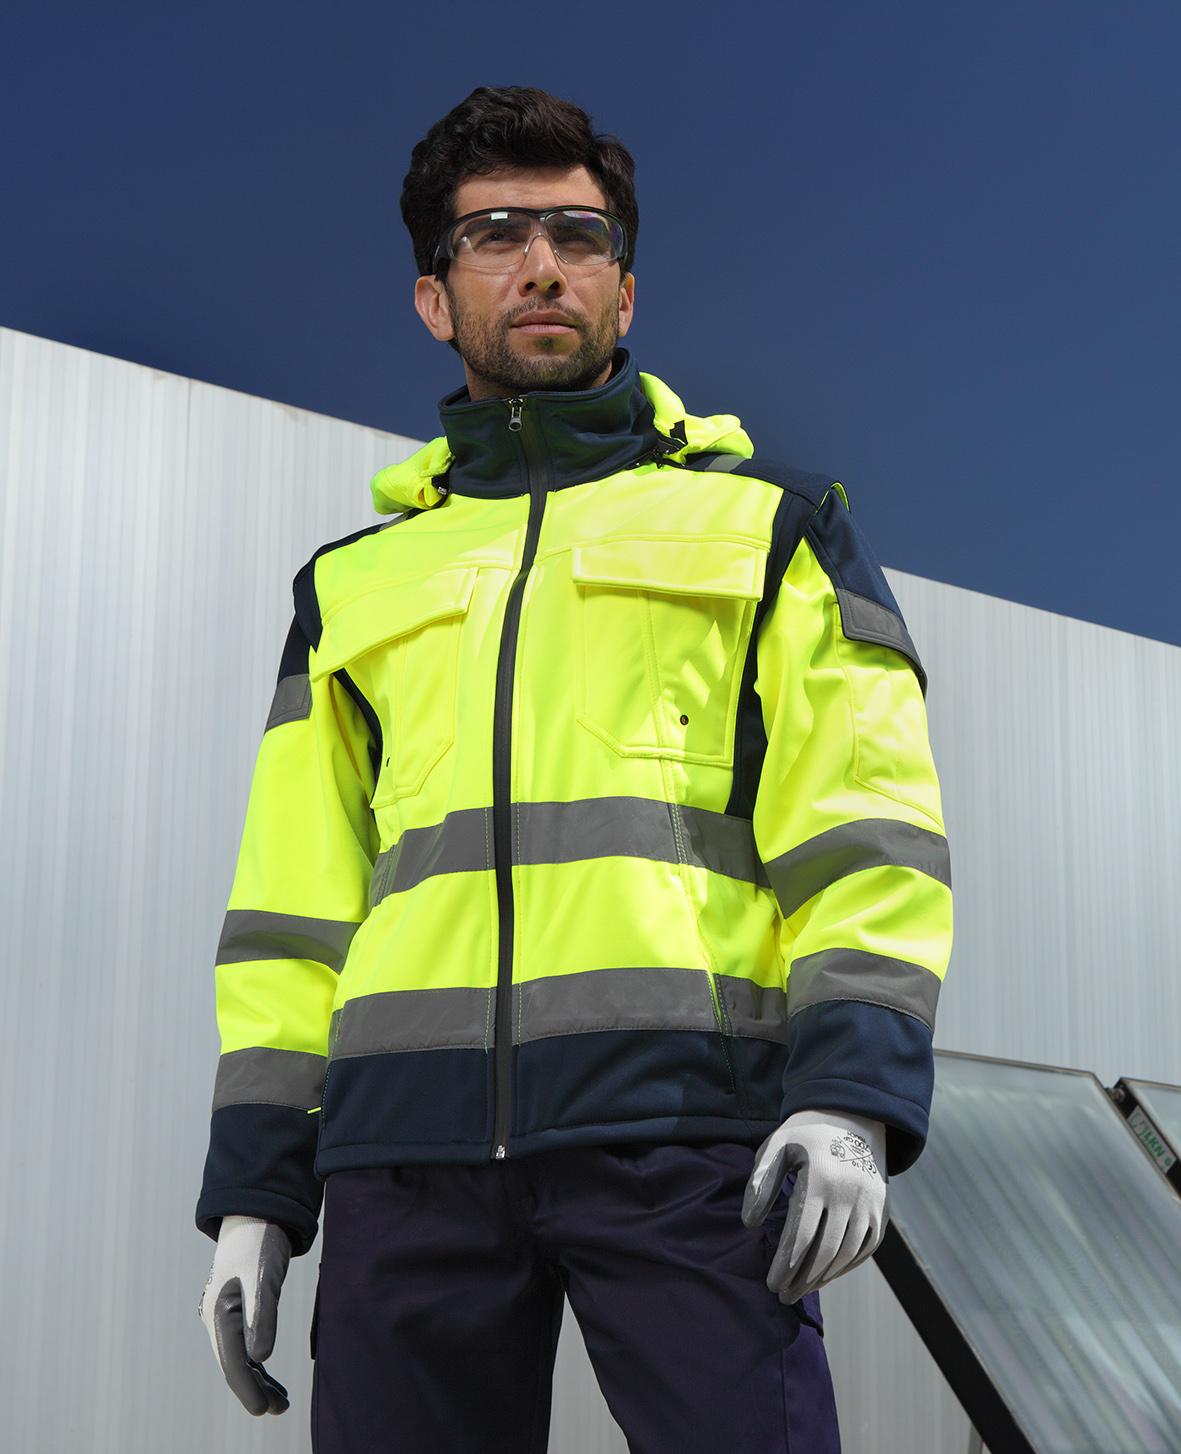 roupas de alta visibilidade